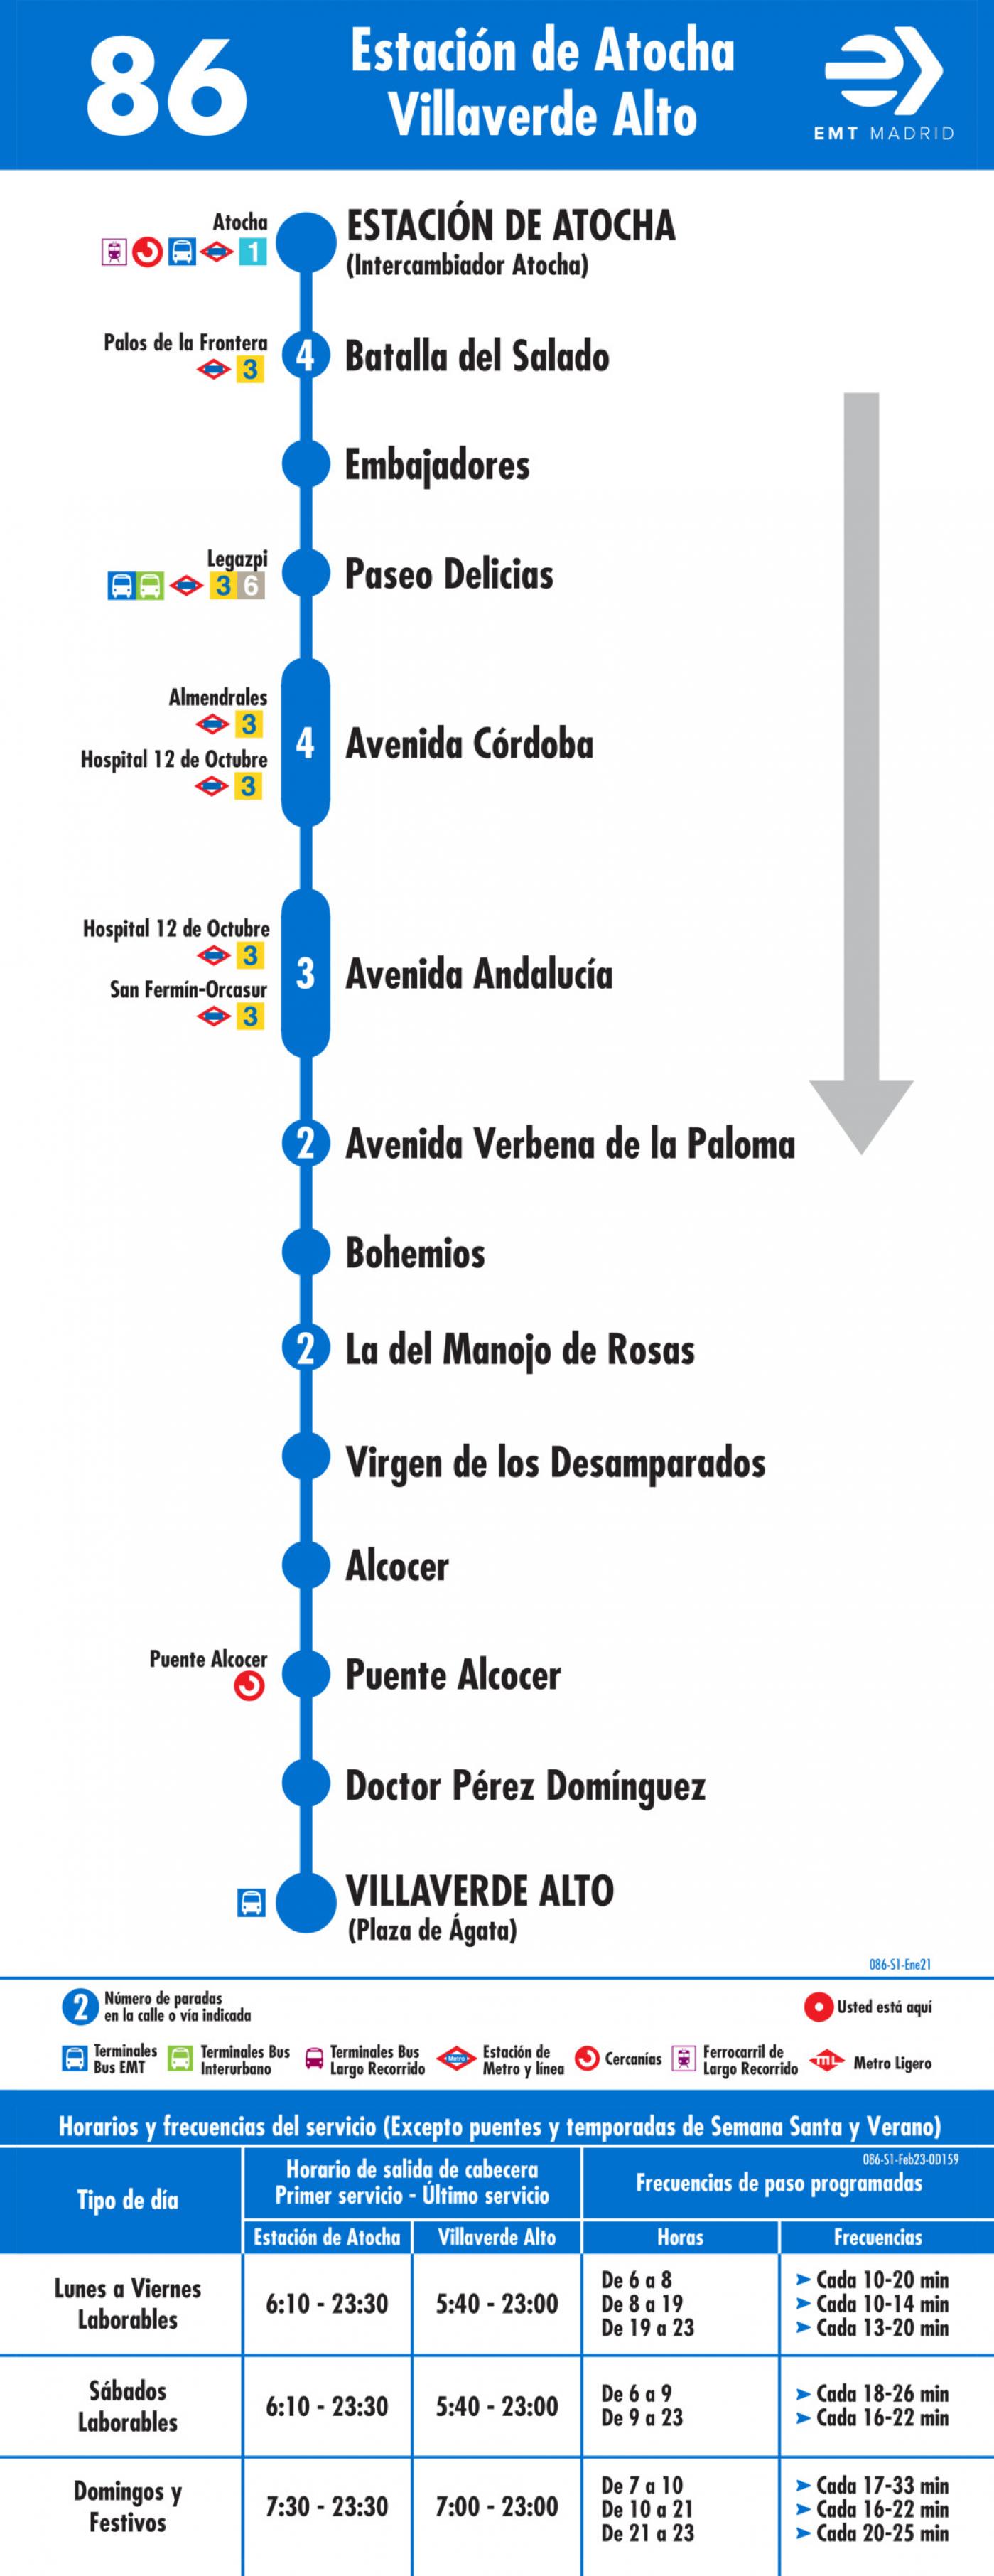 Tabla de horarios y frecuencias de paso en sentido ida Línea 86: Atocha - Villaverde Alto